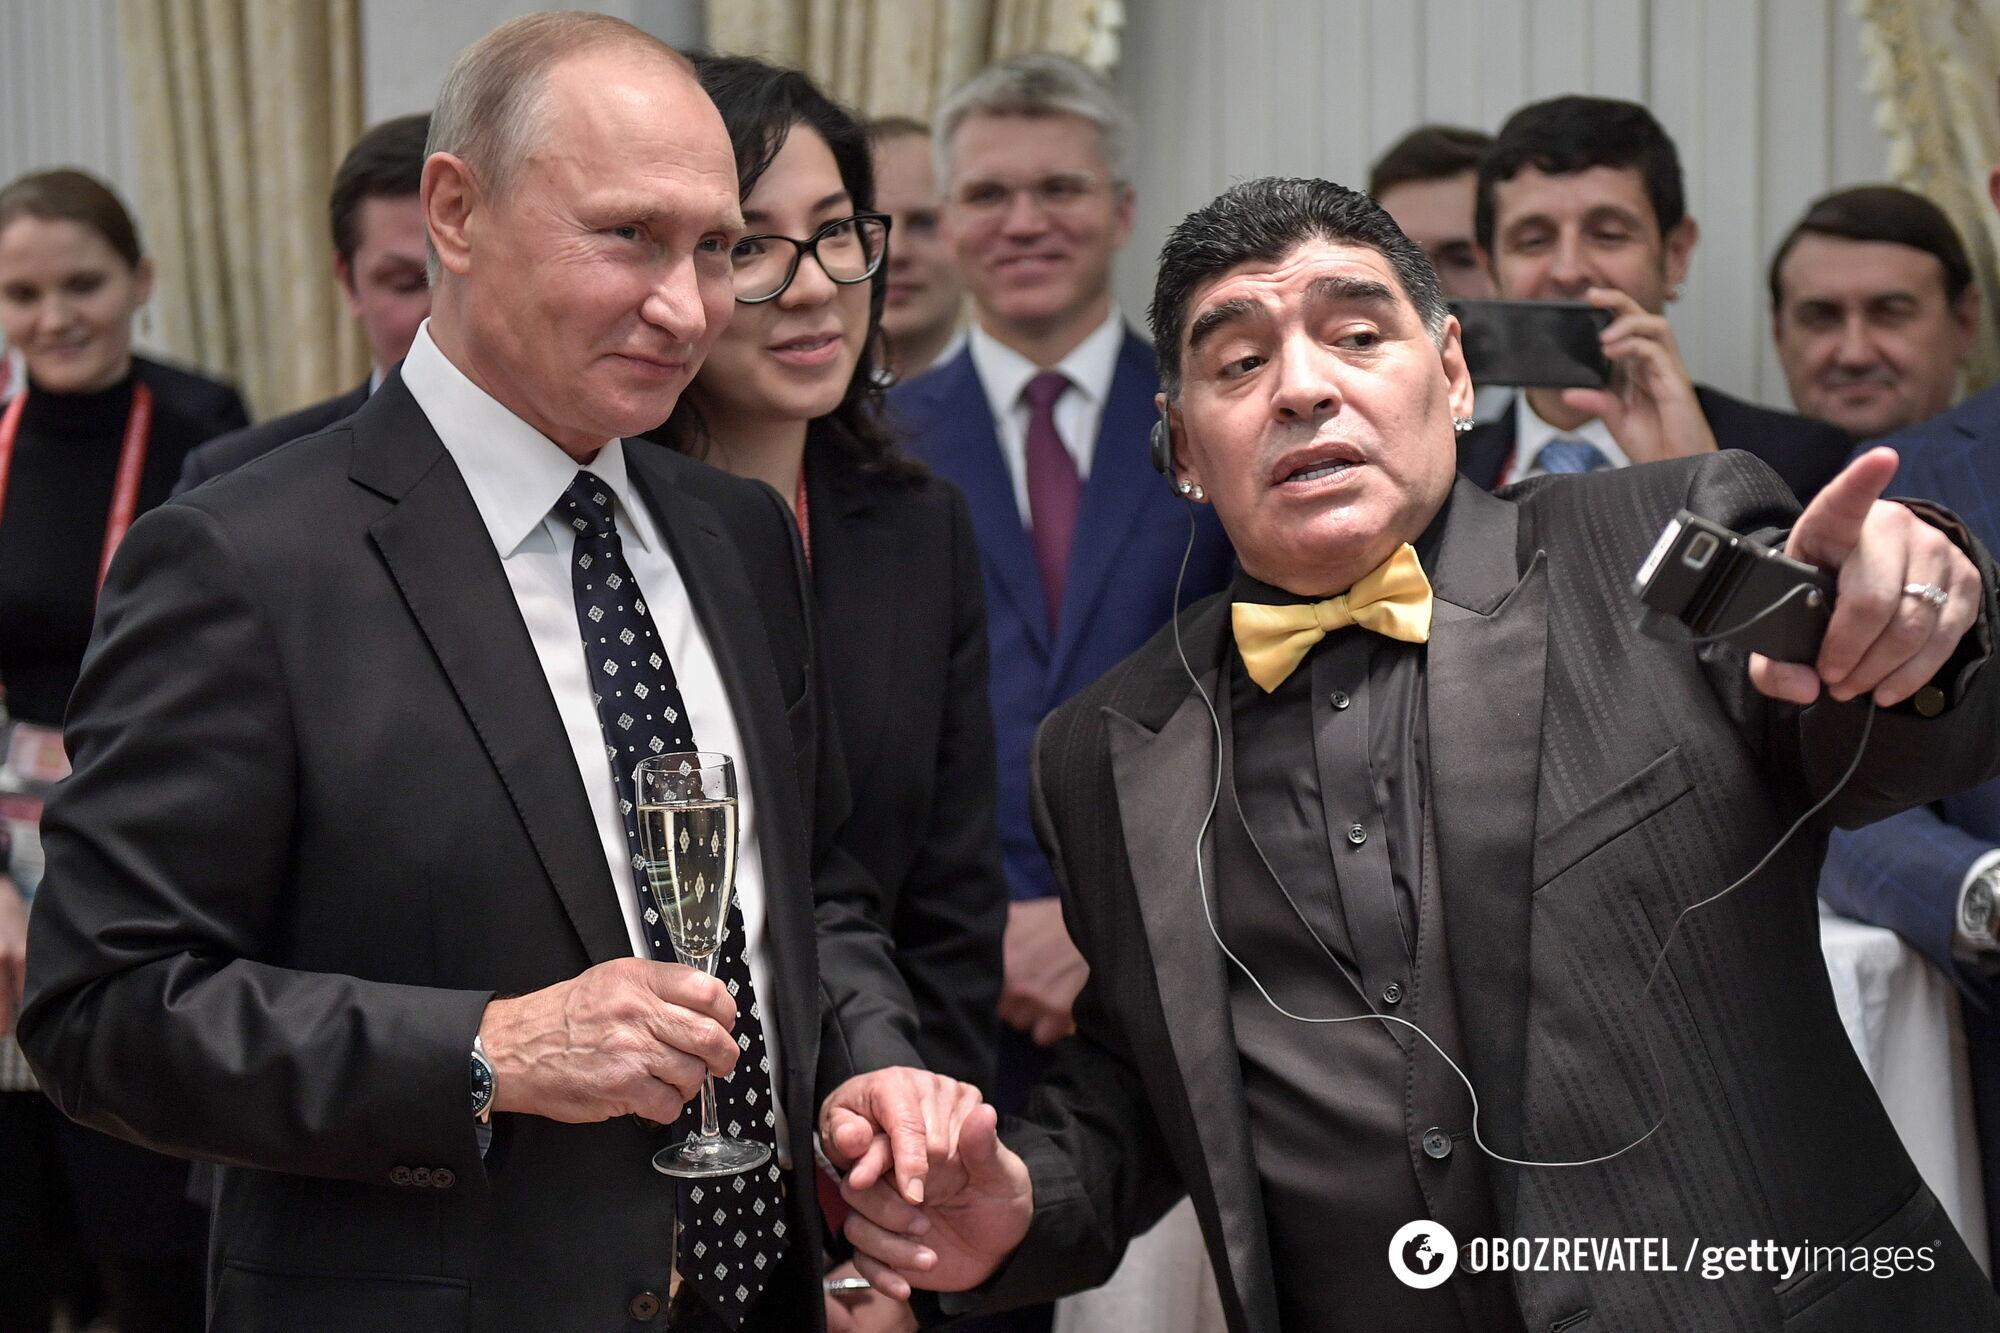 Диего Армандо встретился с Путиным перед ЧМ-2018.